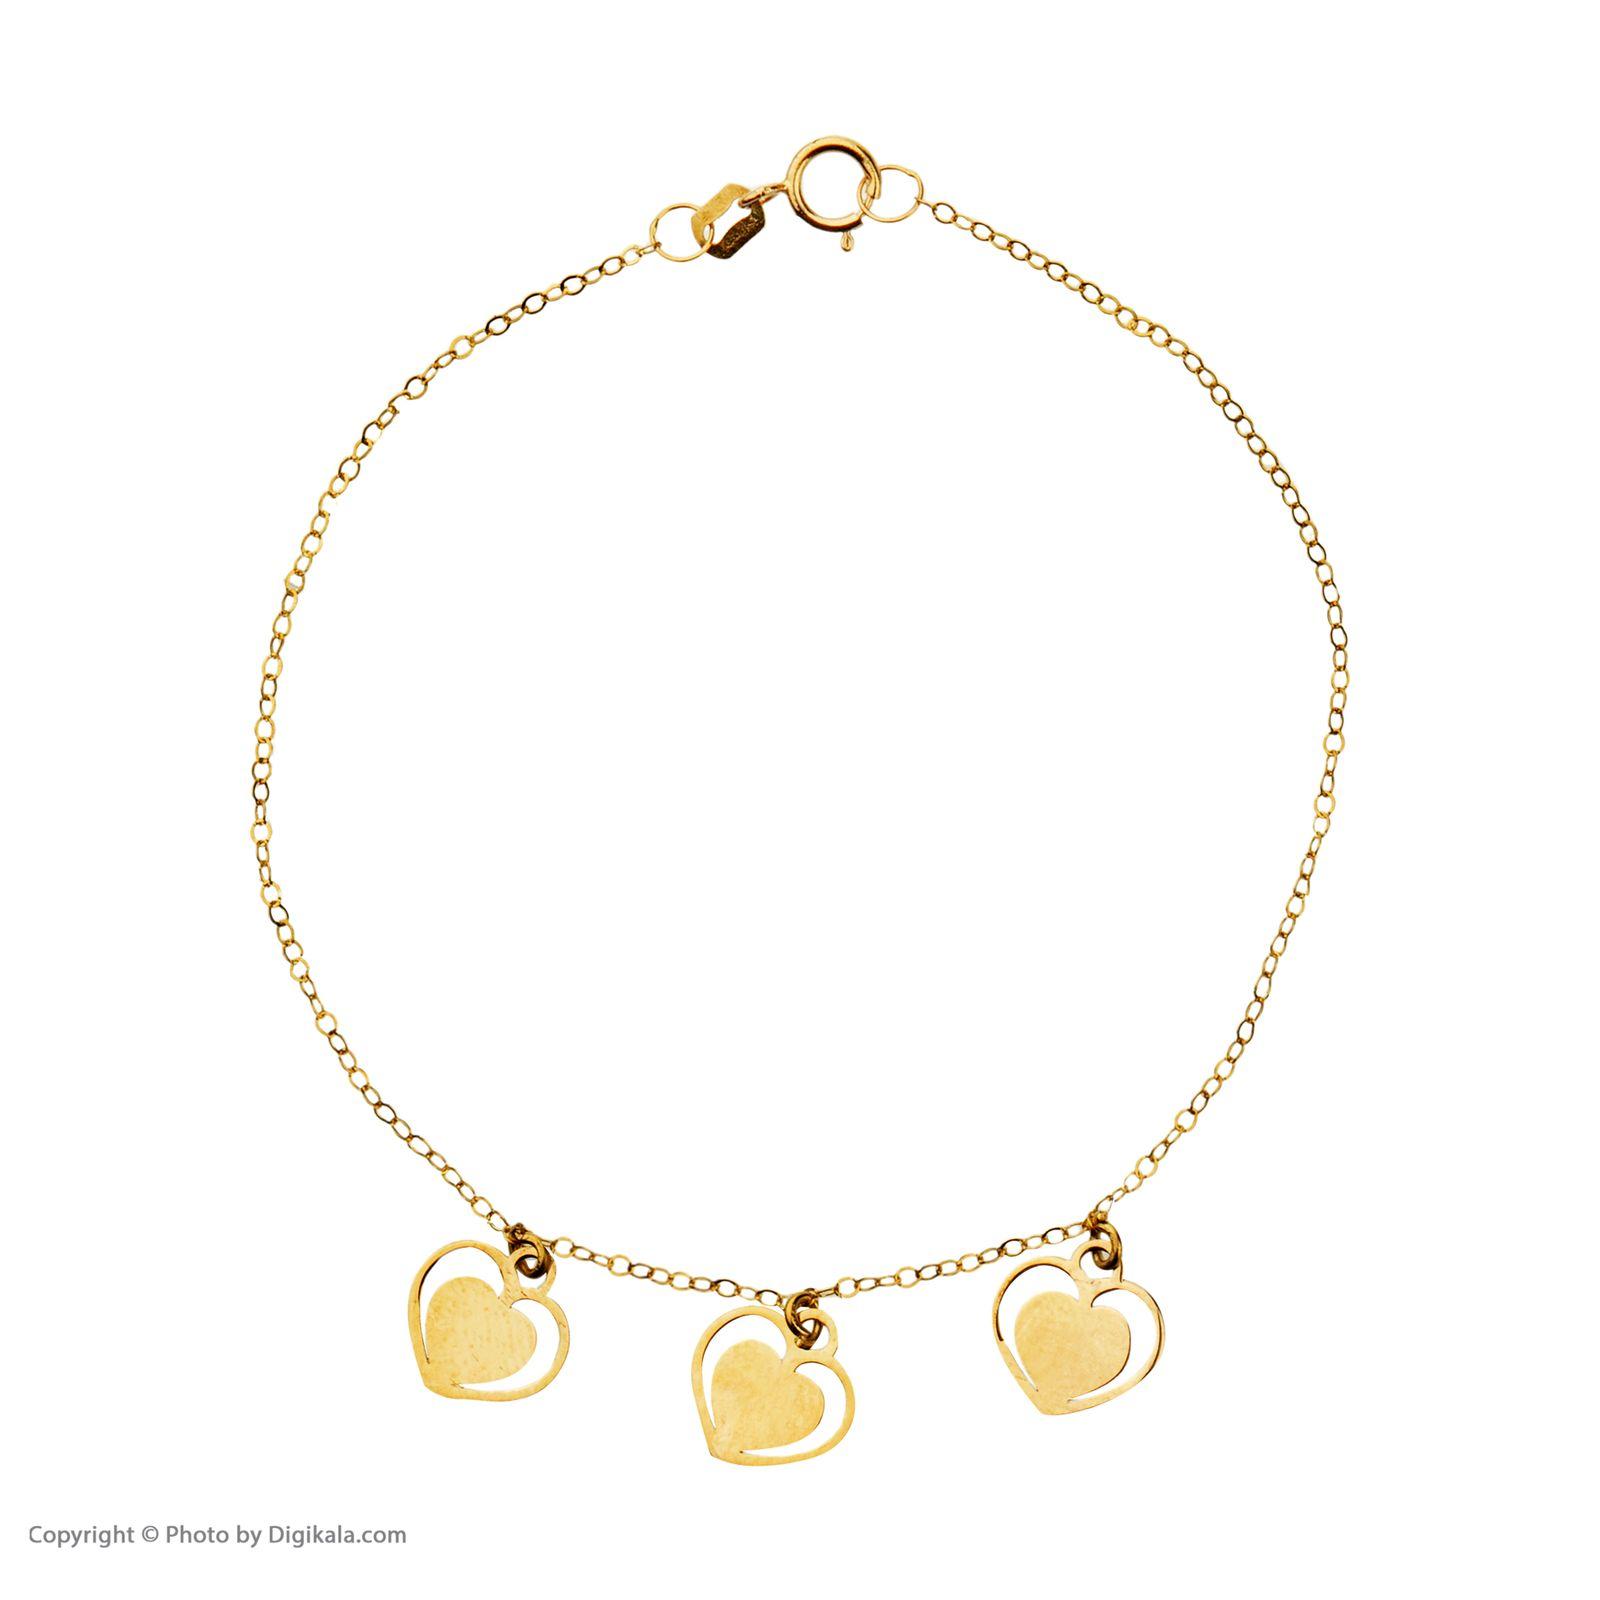 دستبند طلا 18 عیار زنانه میو گلد مدل GD605 -  - 3